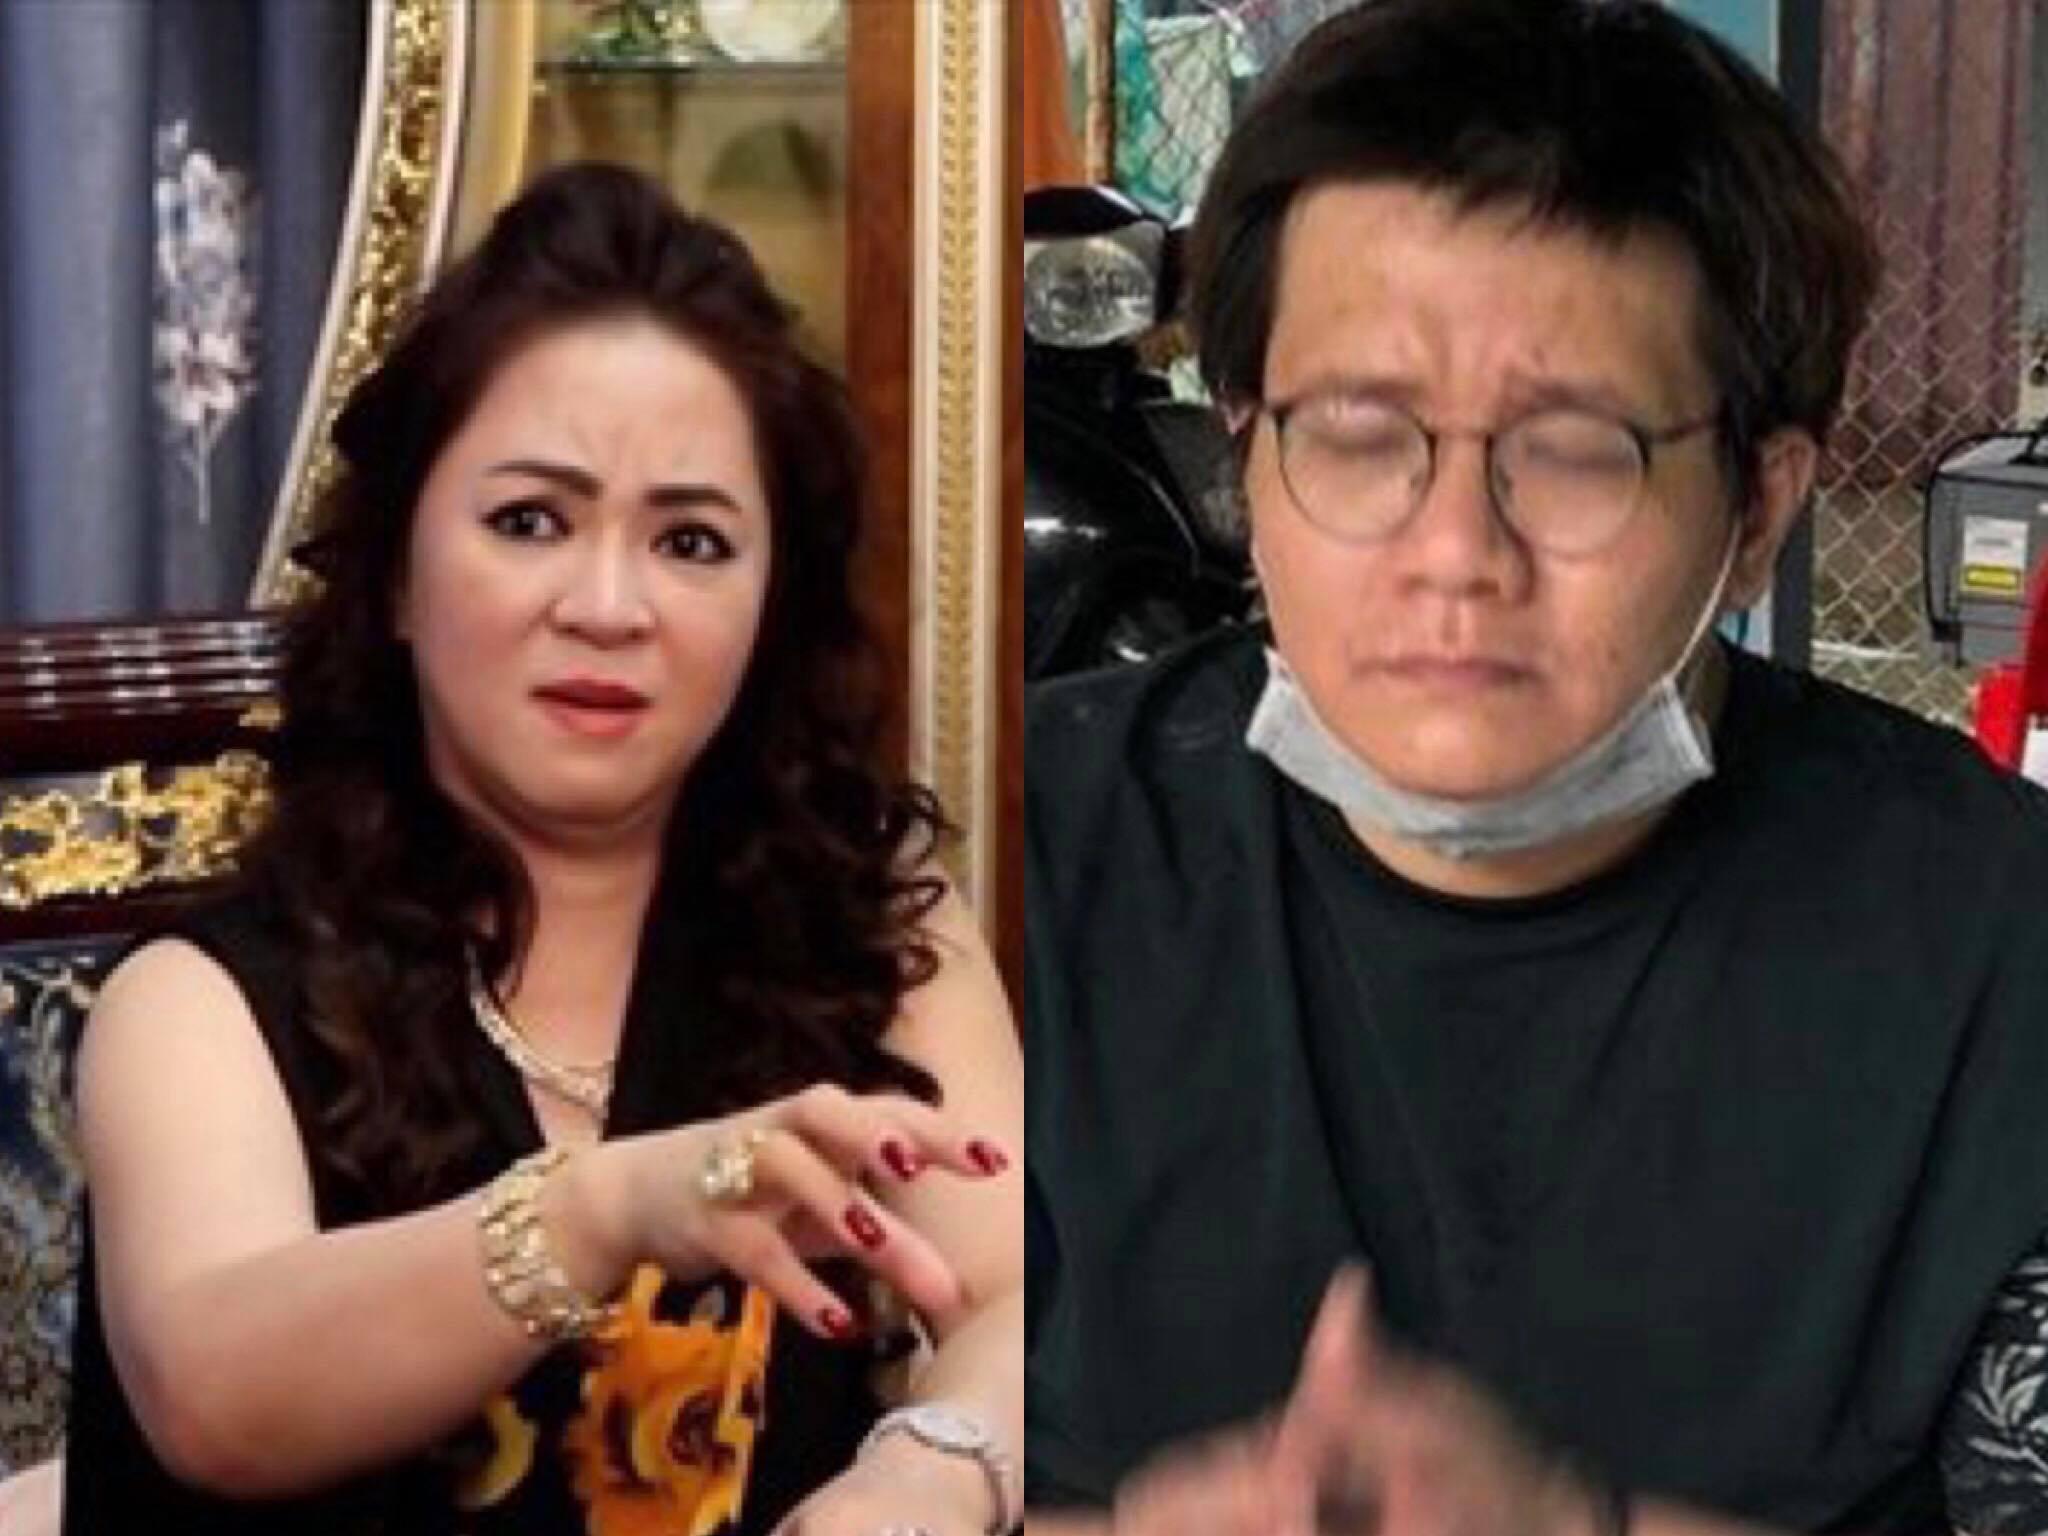 Bà Phương Hằng tiết lộ tình tiết mới về vợ Nhâm Hoàng Khang cực 'sốc' trong livestream mới khiến cư dân mạng 'xót xa'